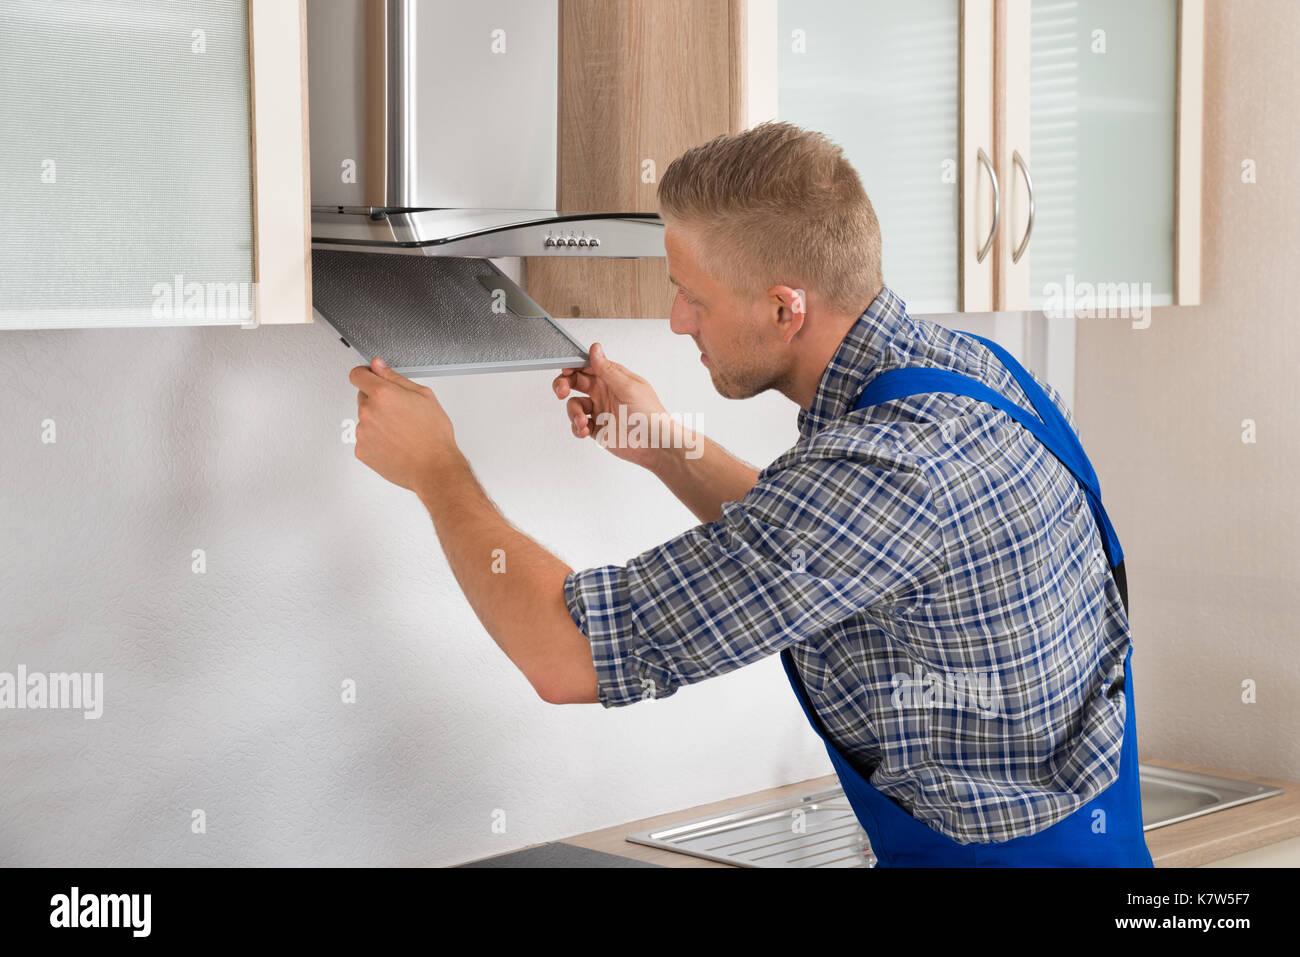 Junge Handwerker Instandsetzung Abzugshaube Filter In der Küche ...